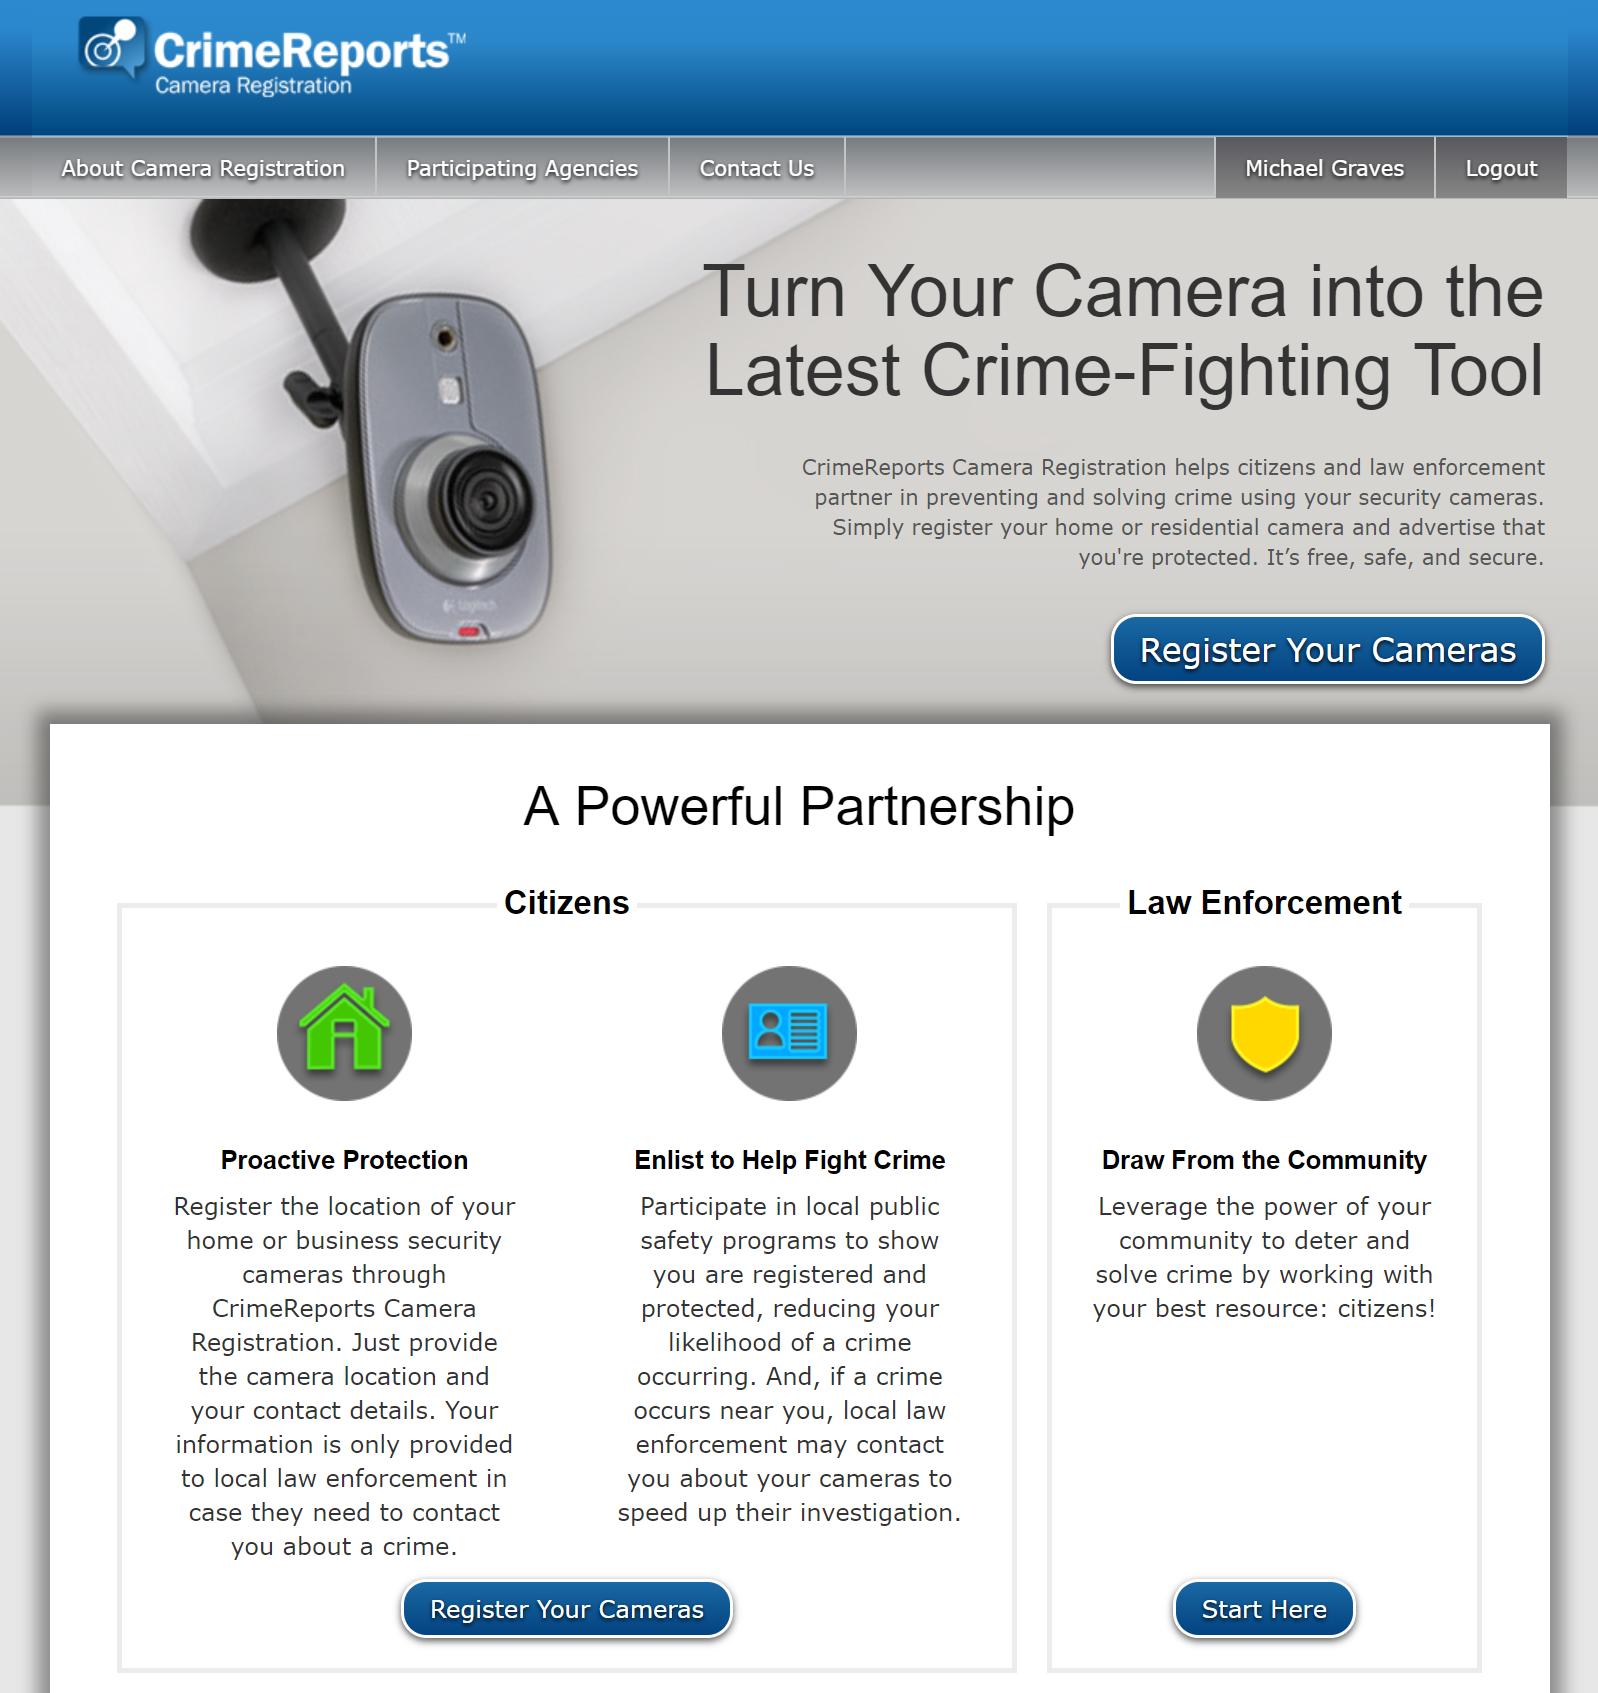 CrimeReports-cameras2.PNG